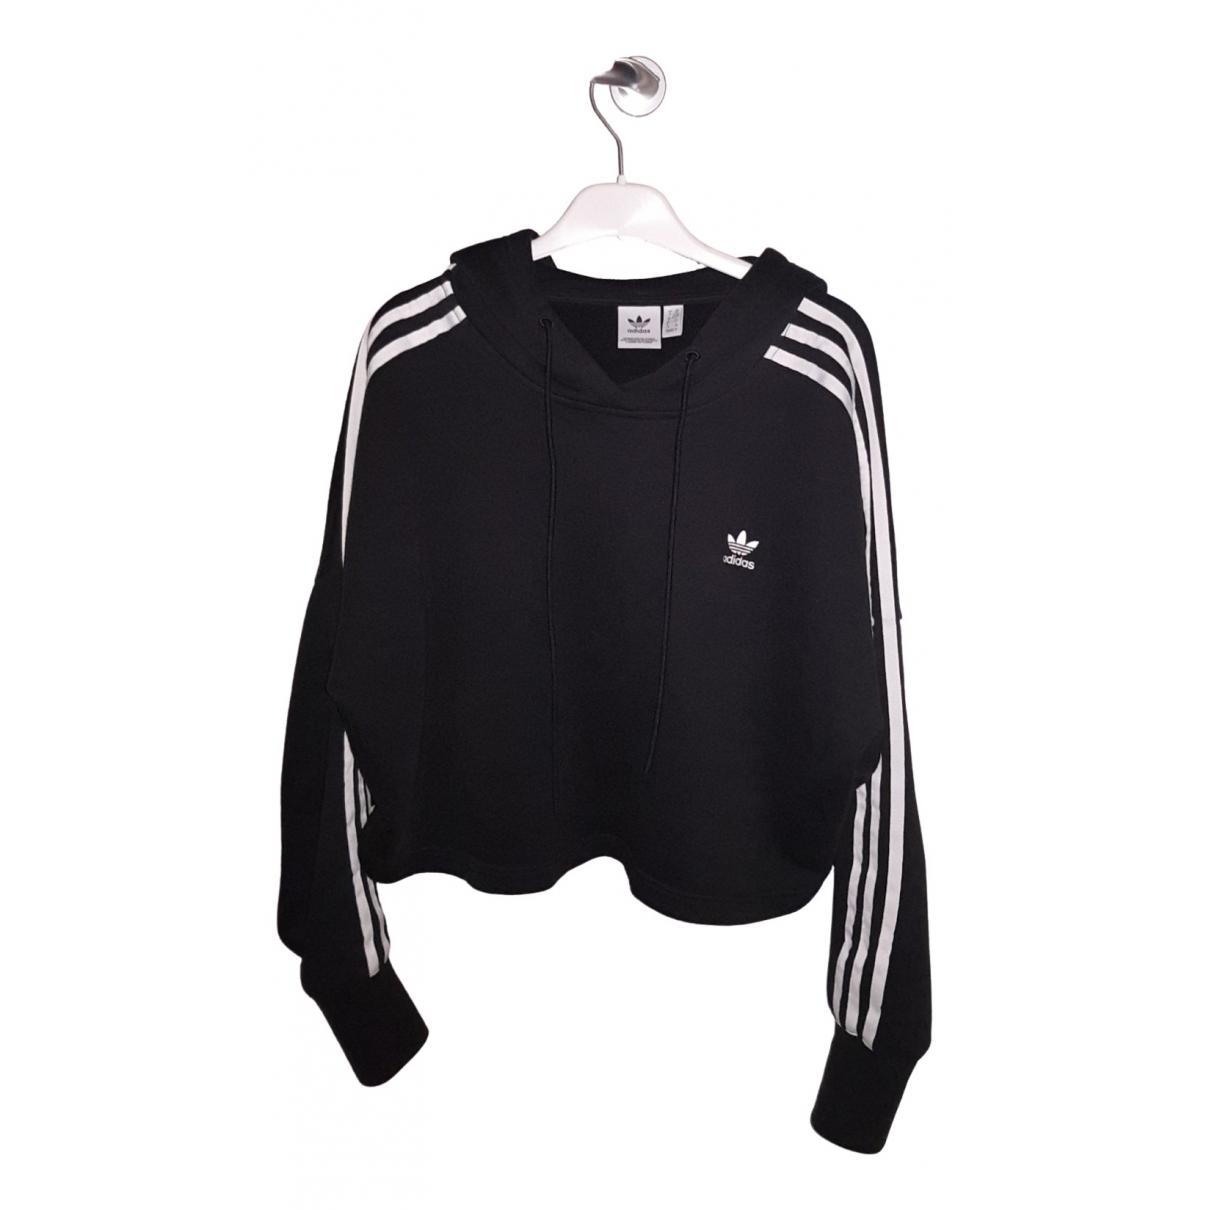 Adidas - Pull   pour femme - noir